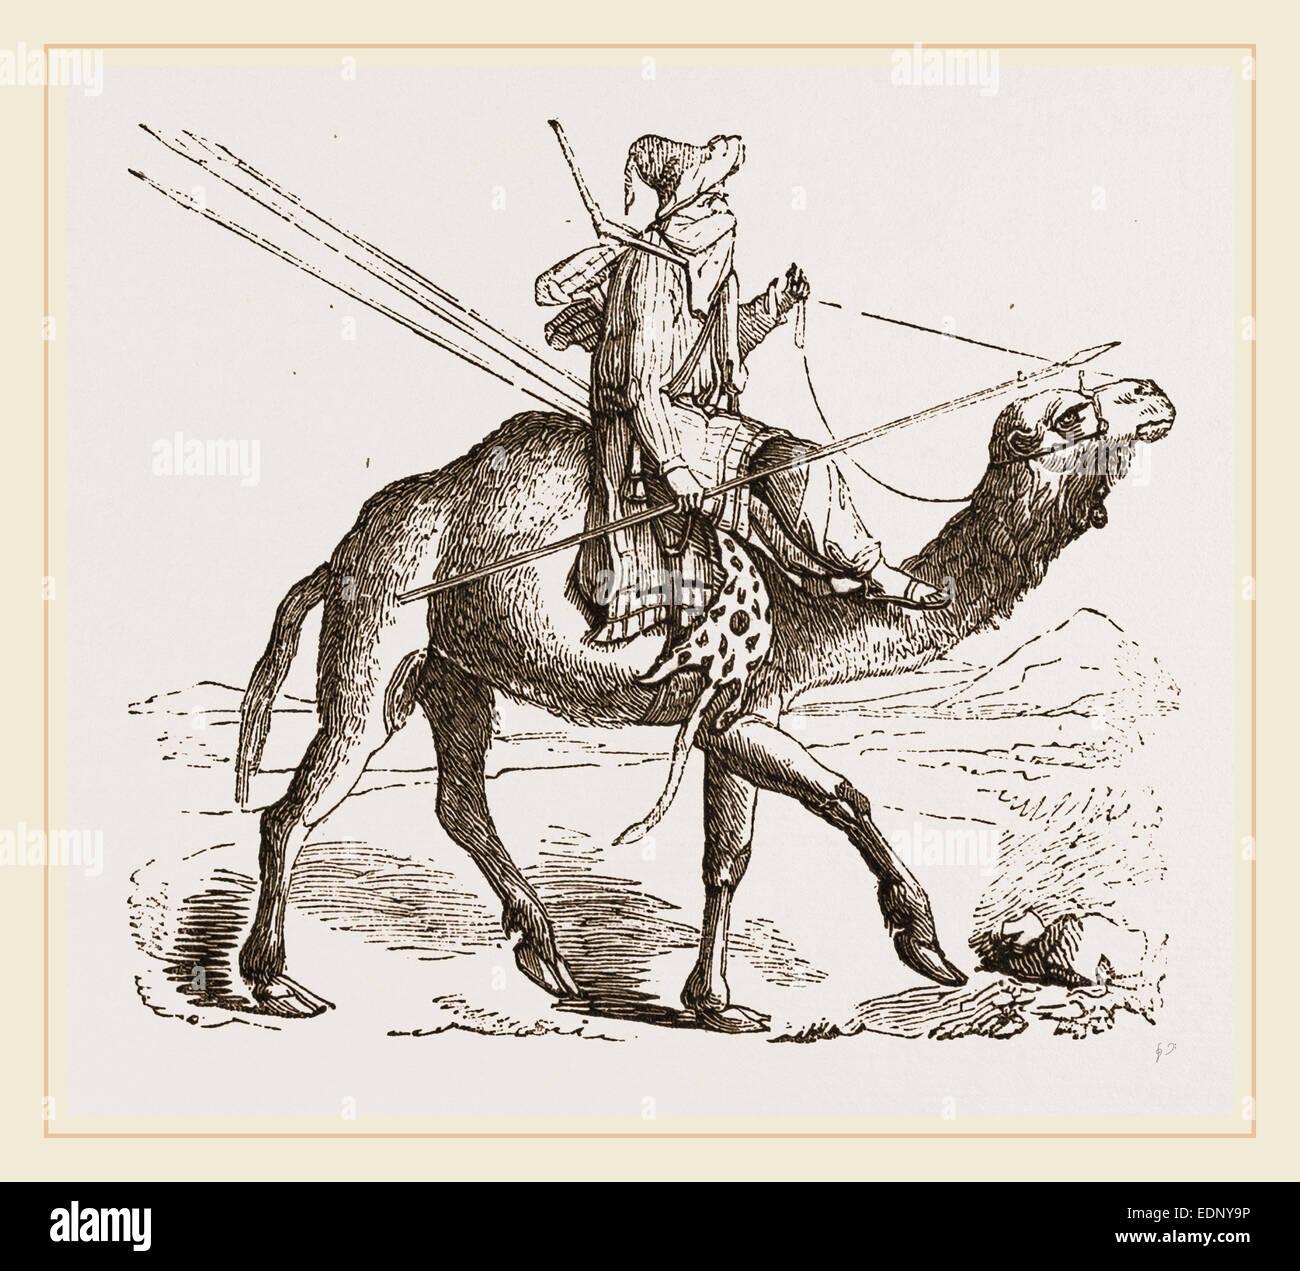 Swift Camel mounted - Stock Image